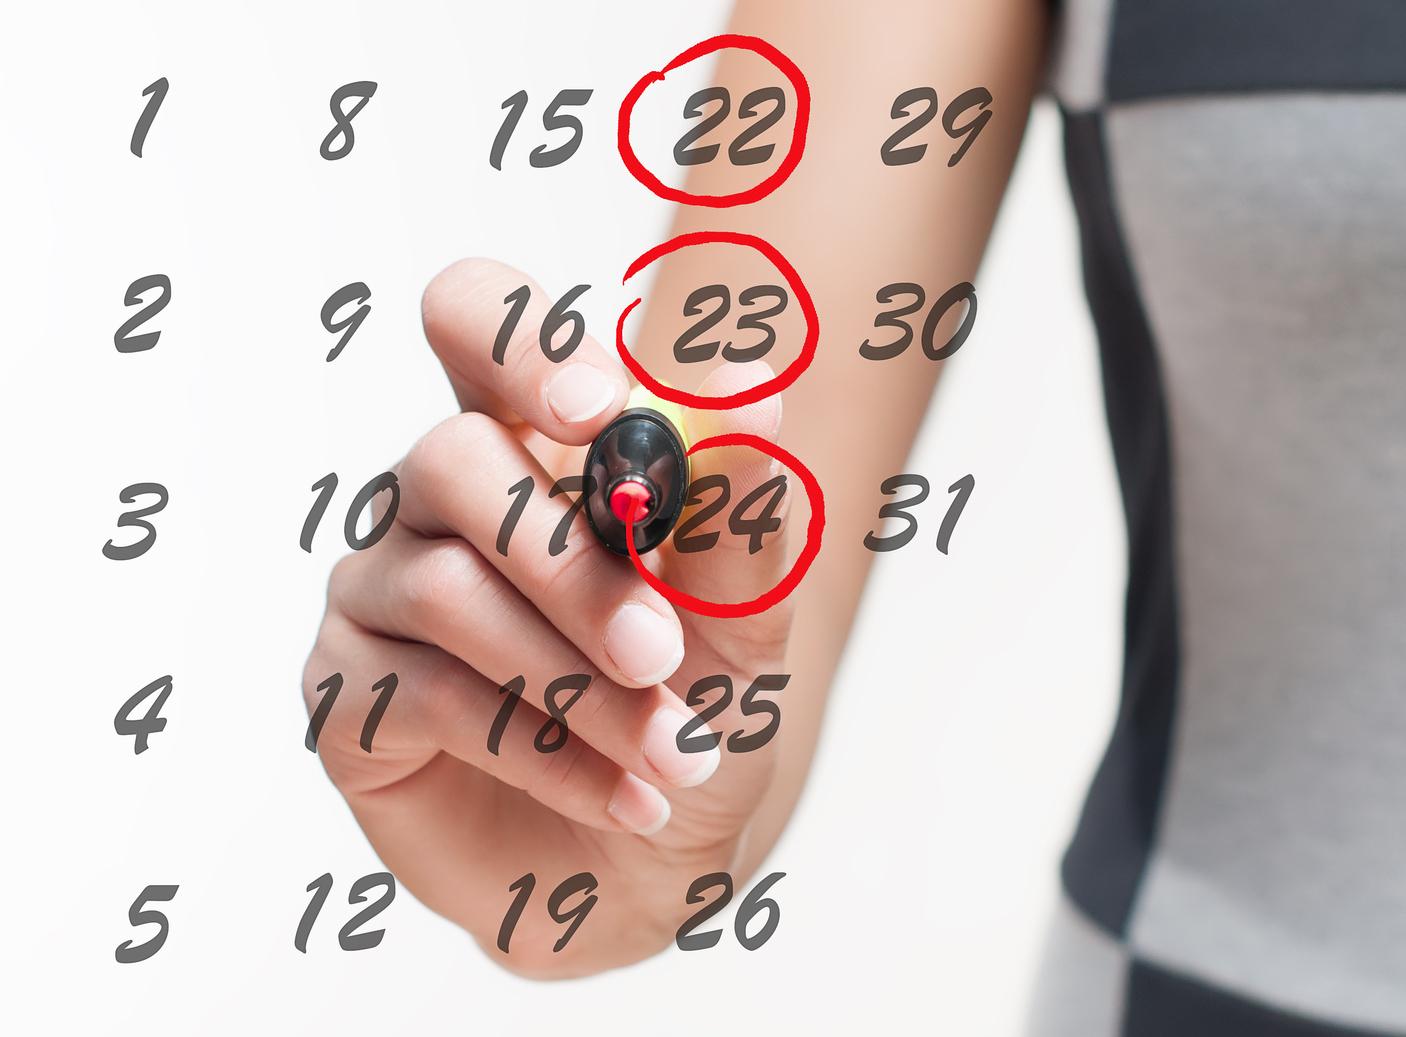 Calendario Menopausa.La Dieta Dei 28 Giorni Che Cos E E Come Funziona